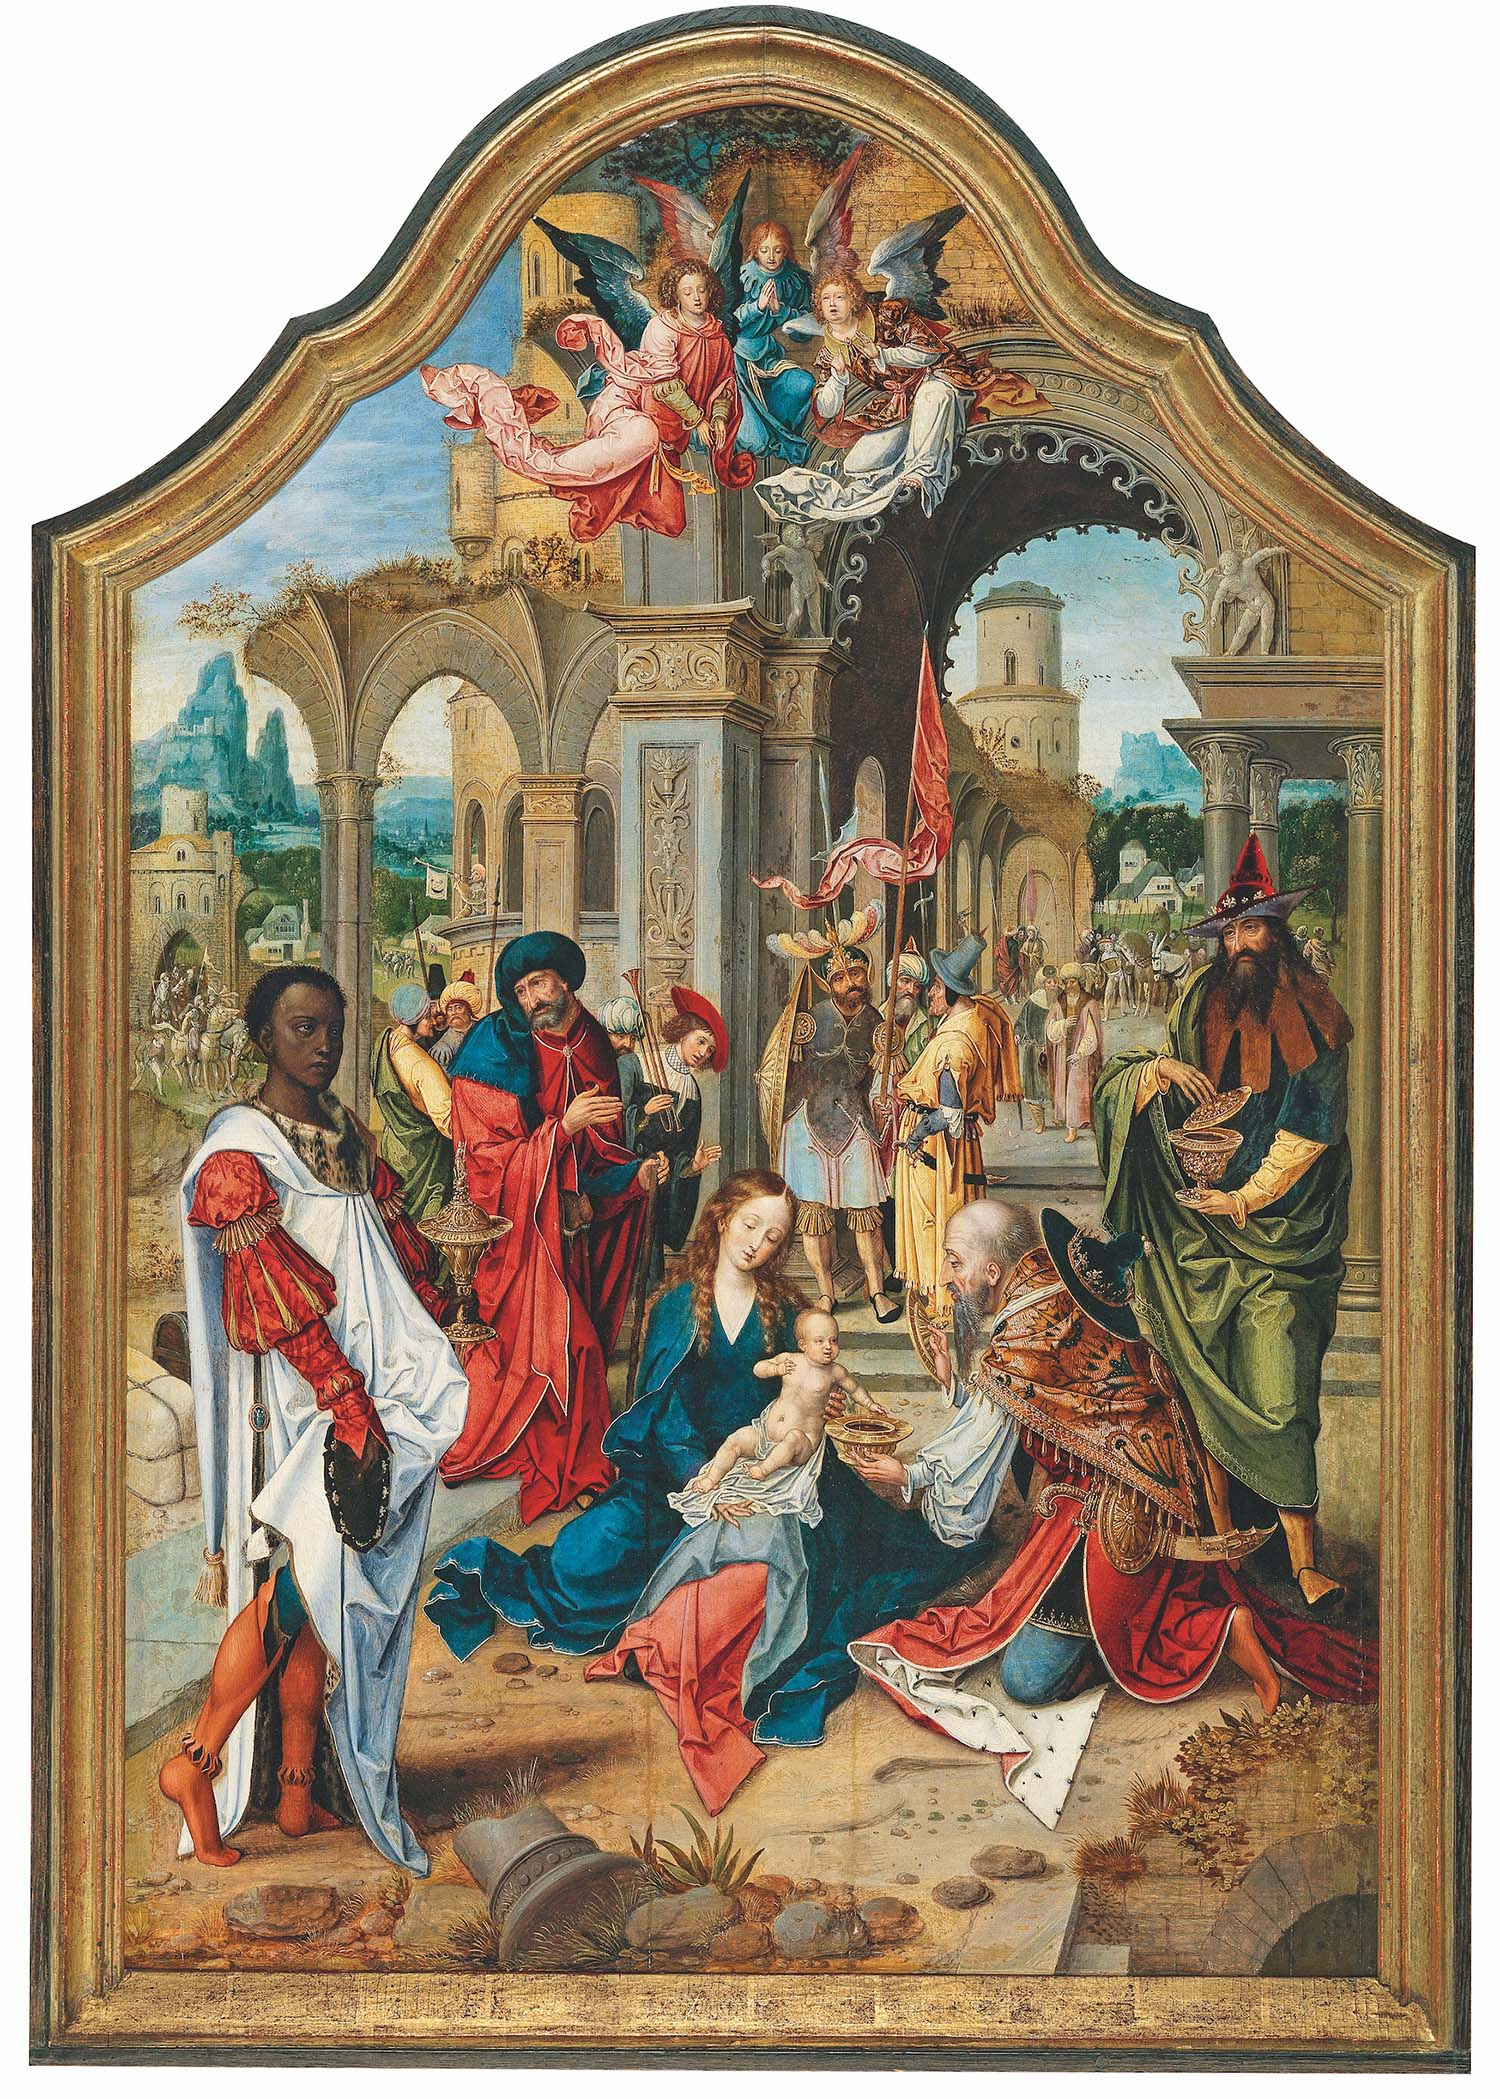 Pieter Coecke van Aelst (1502–1550), Anbetung der Könige, Öl auf Holz, 112 x 75 cm, €400.000 – 600.000